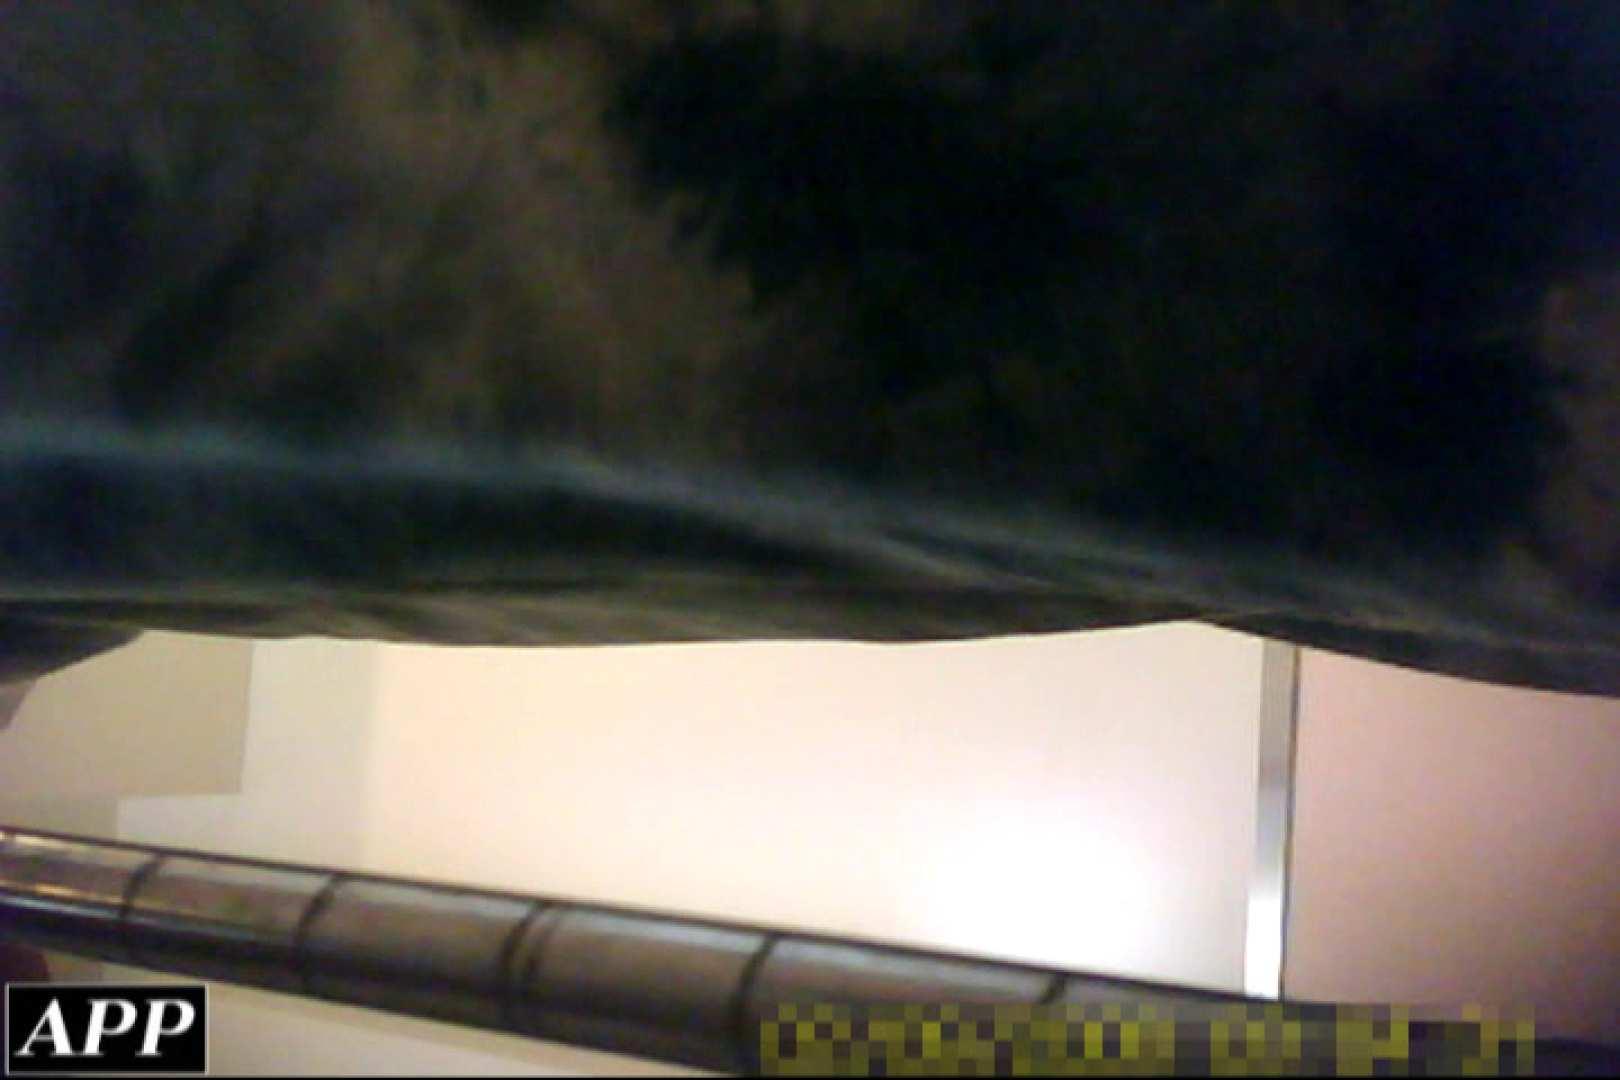 3視点洗面所 vol.137 マンコ AV無料動画キャプチャ 86画像 11